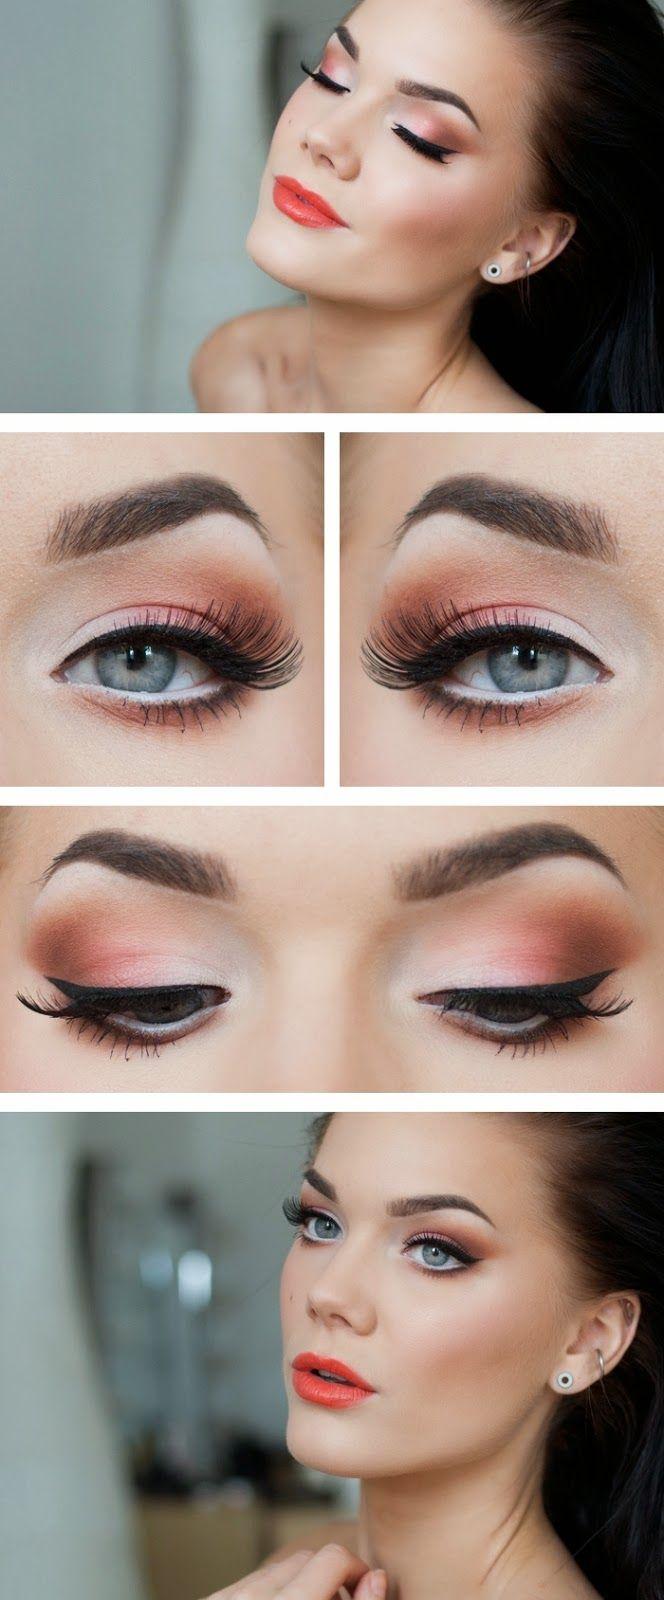 Make Up Ideas: Warm Eye Shadows